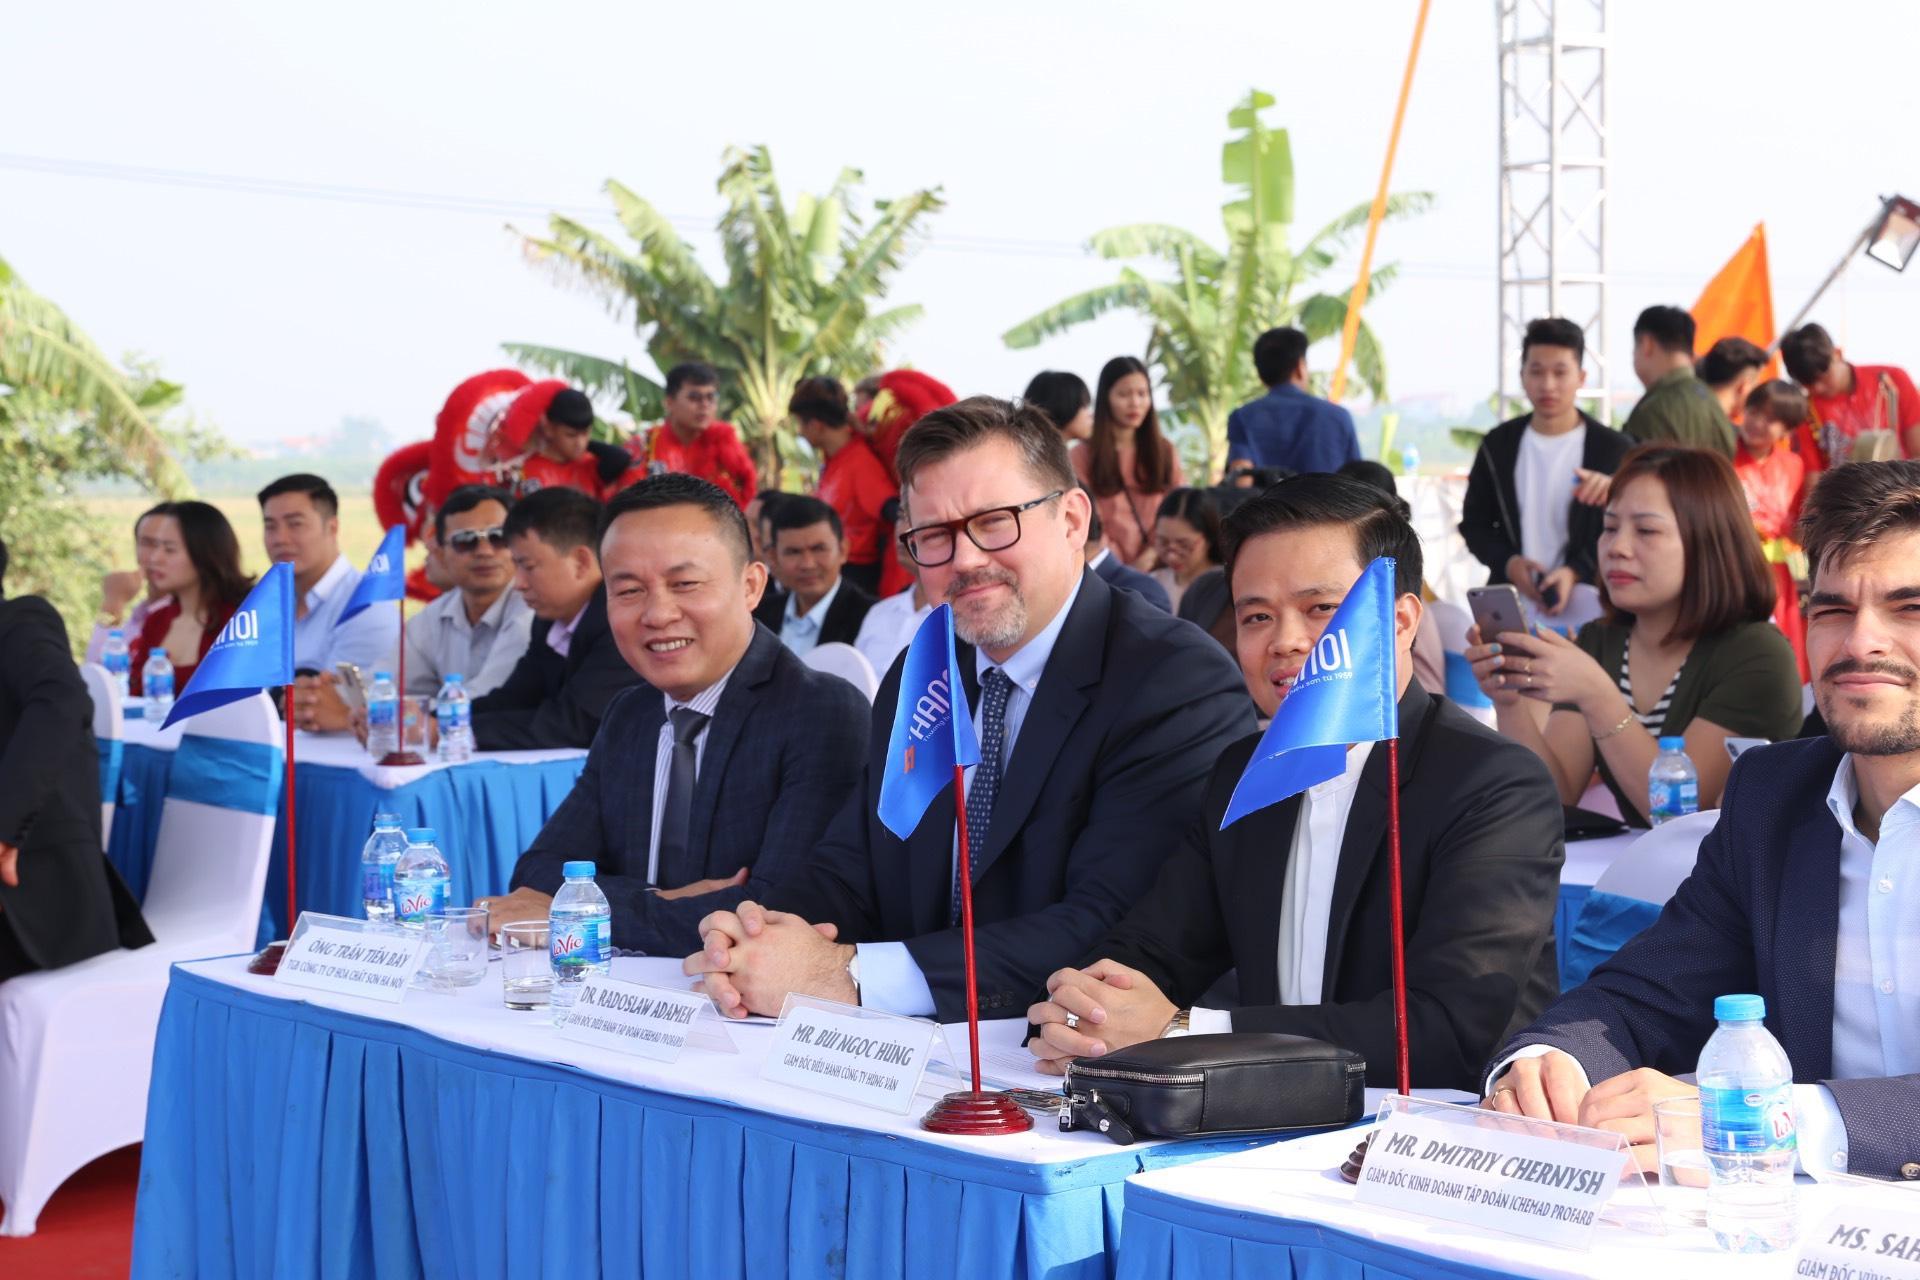 Nguyên nhân nào thúc đẩy Sơn Hà Nội xây dựng thêm nhà máy sản xuất sơn tự động